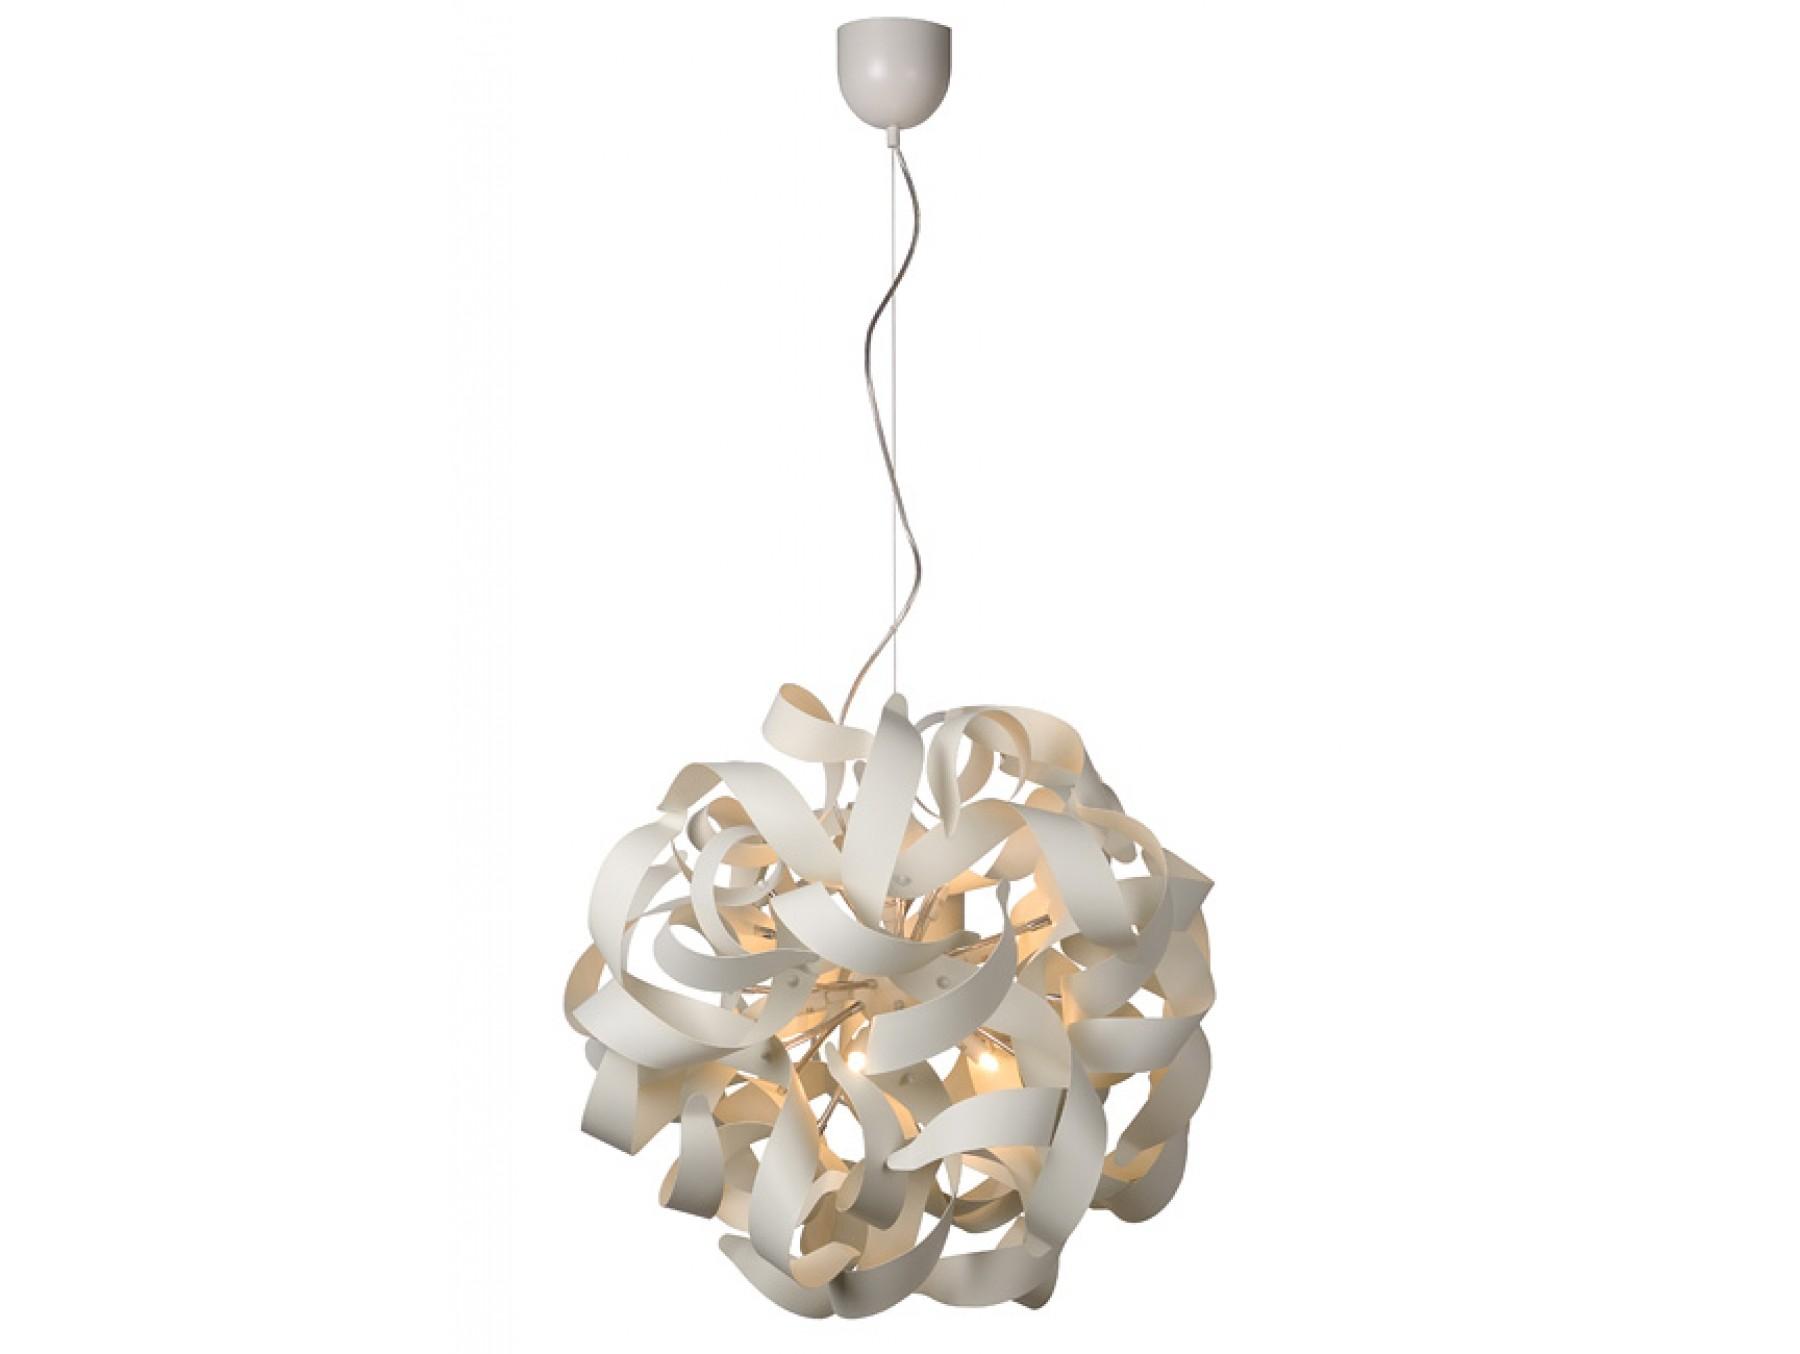 Подвесной светильник ATOMITAПодвесные светильники<br>основание: металл<br>плафон: металл/белый<br>диаметр: 65 см<br>высота: 130 см<br>G9, 33W, 12 лампочек (в комплекте)<br><br>Material: Металл<br>Высота см: 130